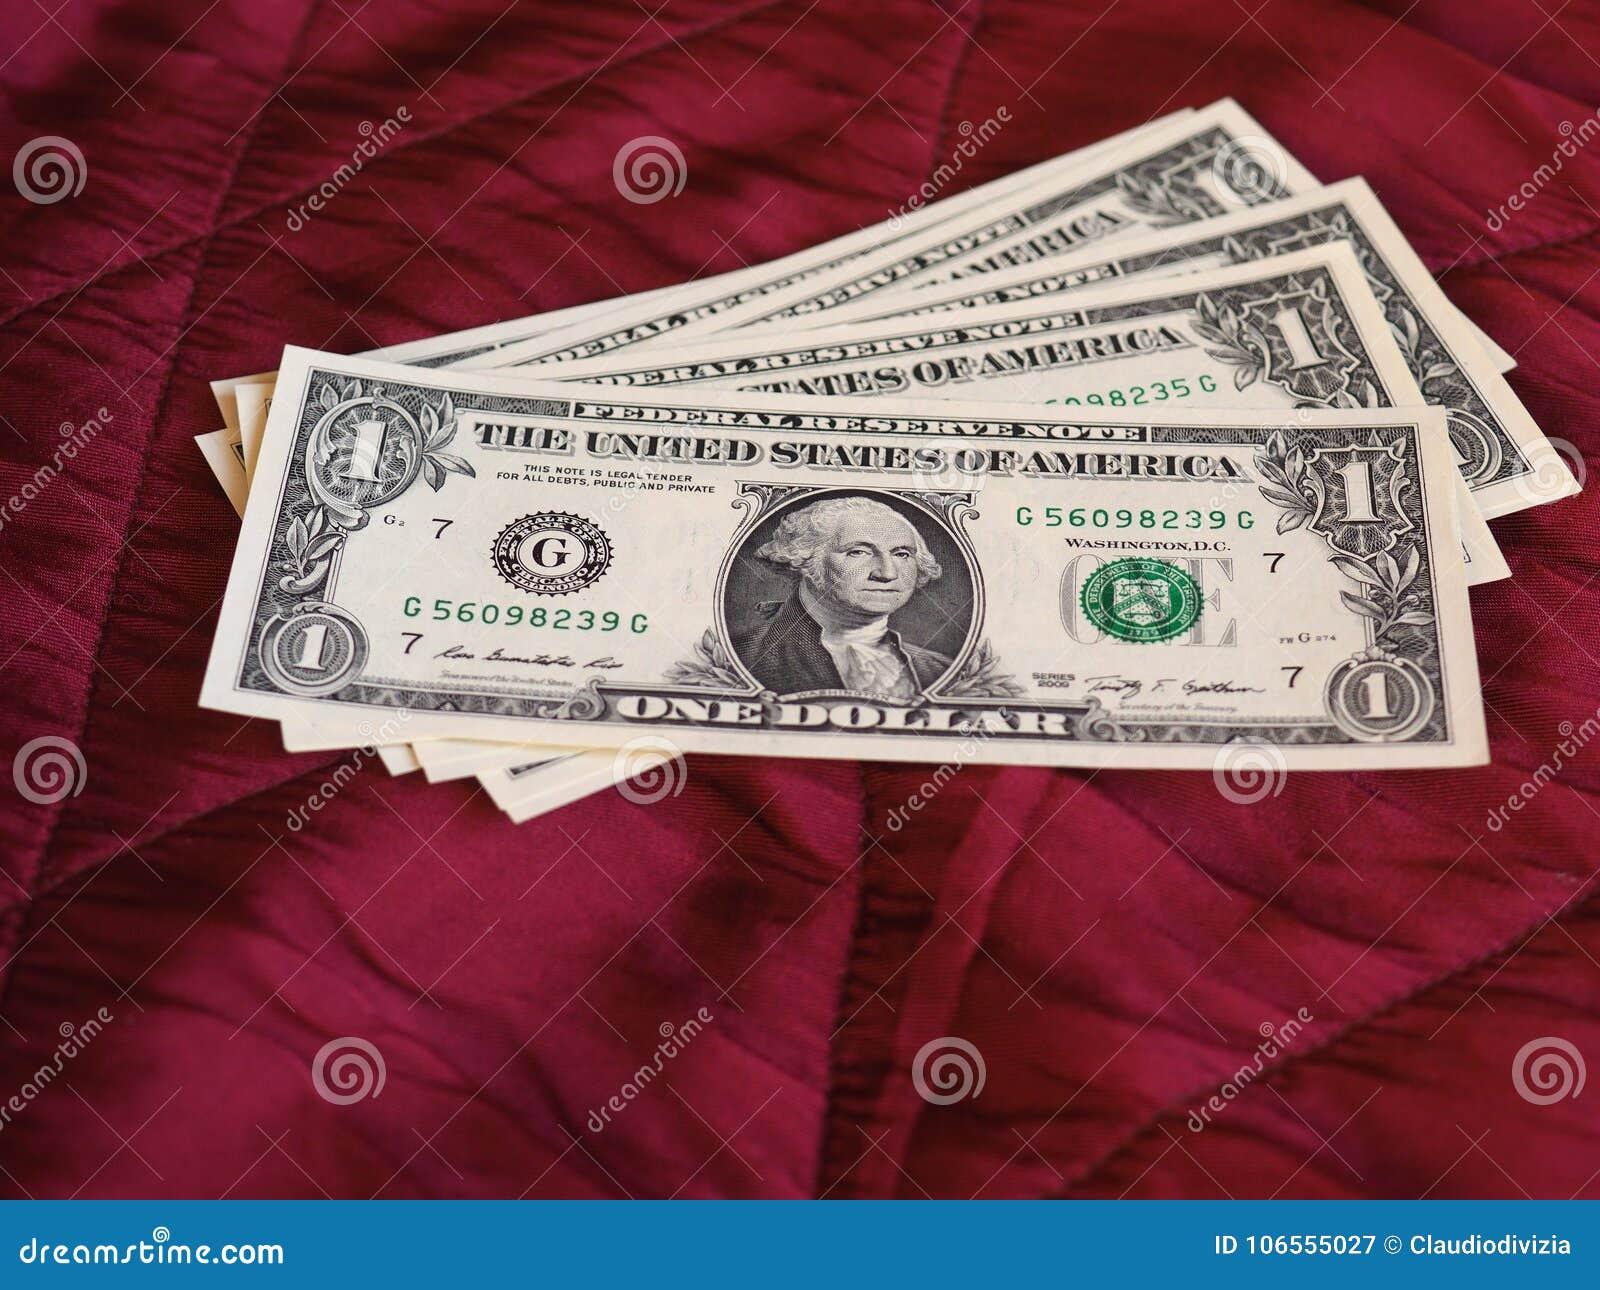 Σημείωση ενός δολαρίου, Ηνωμένες Πολιτείες πέρα από το κόκκινο υπόβαθρο βελούδου